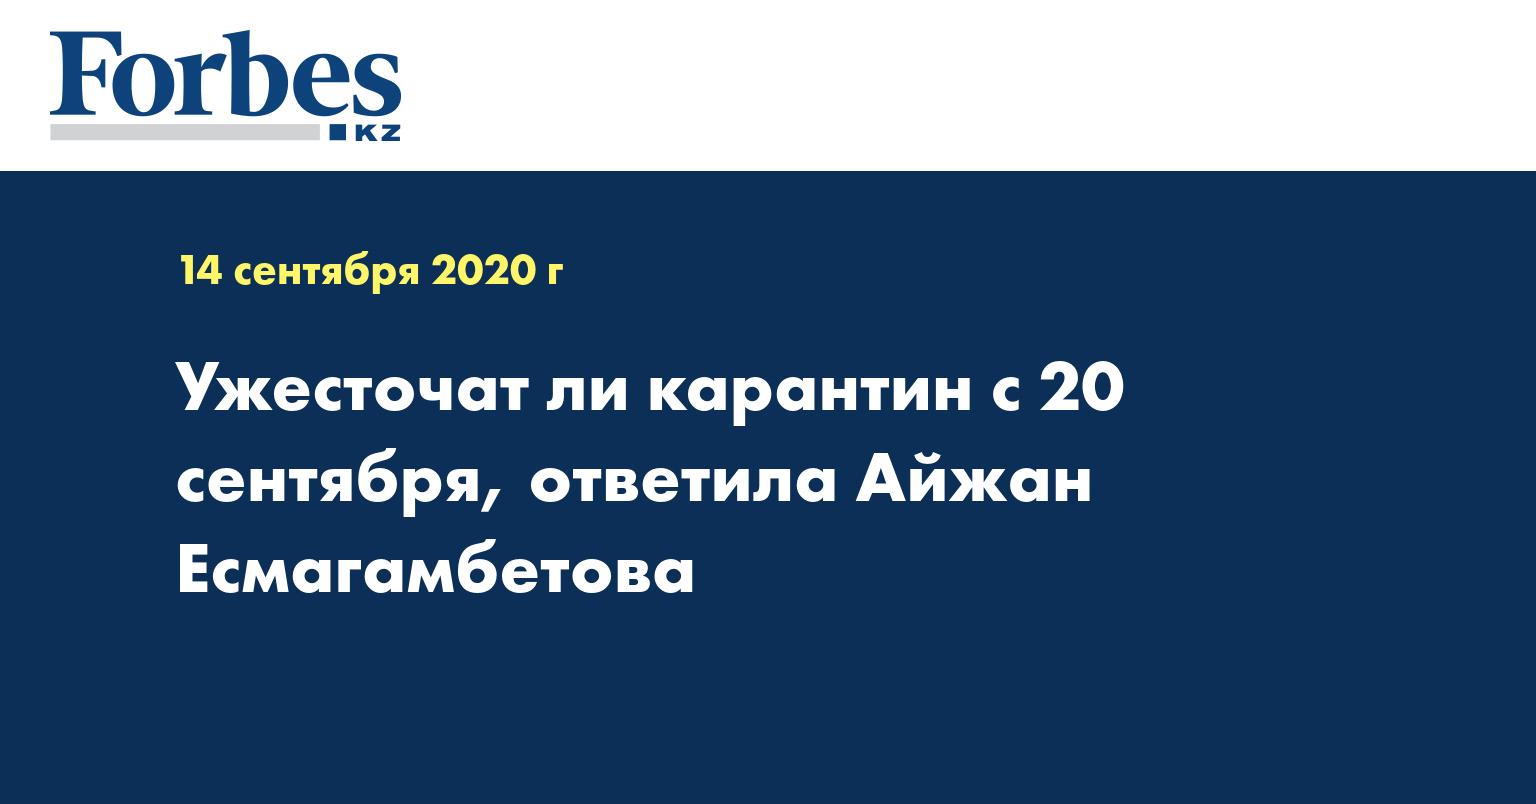 Ужесточат ли карантин с 20 сентября, ответила Айжан Есмагамбетова